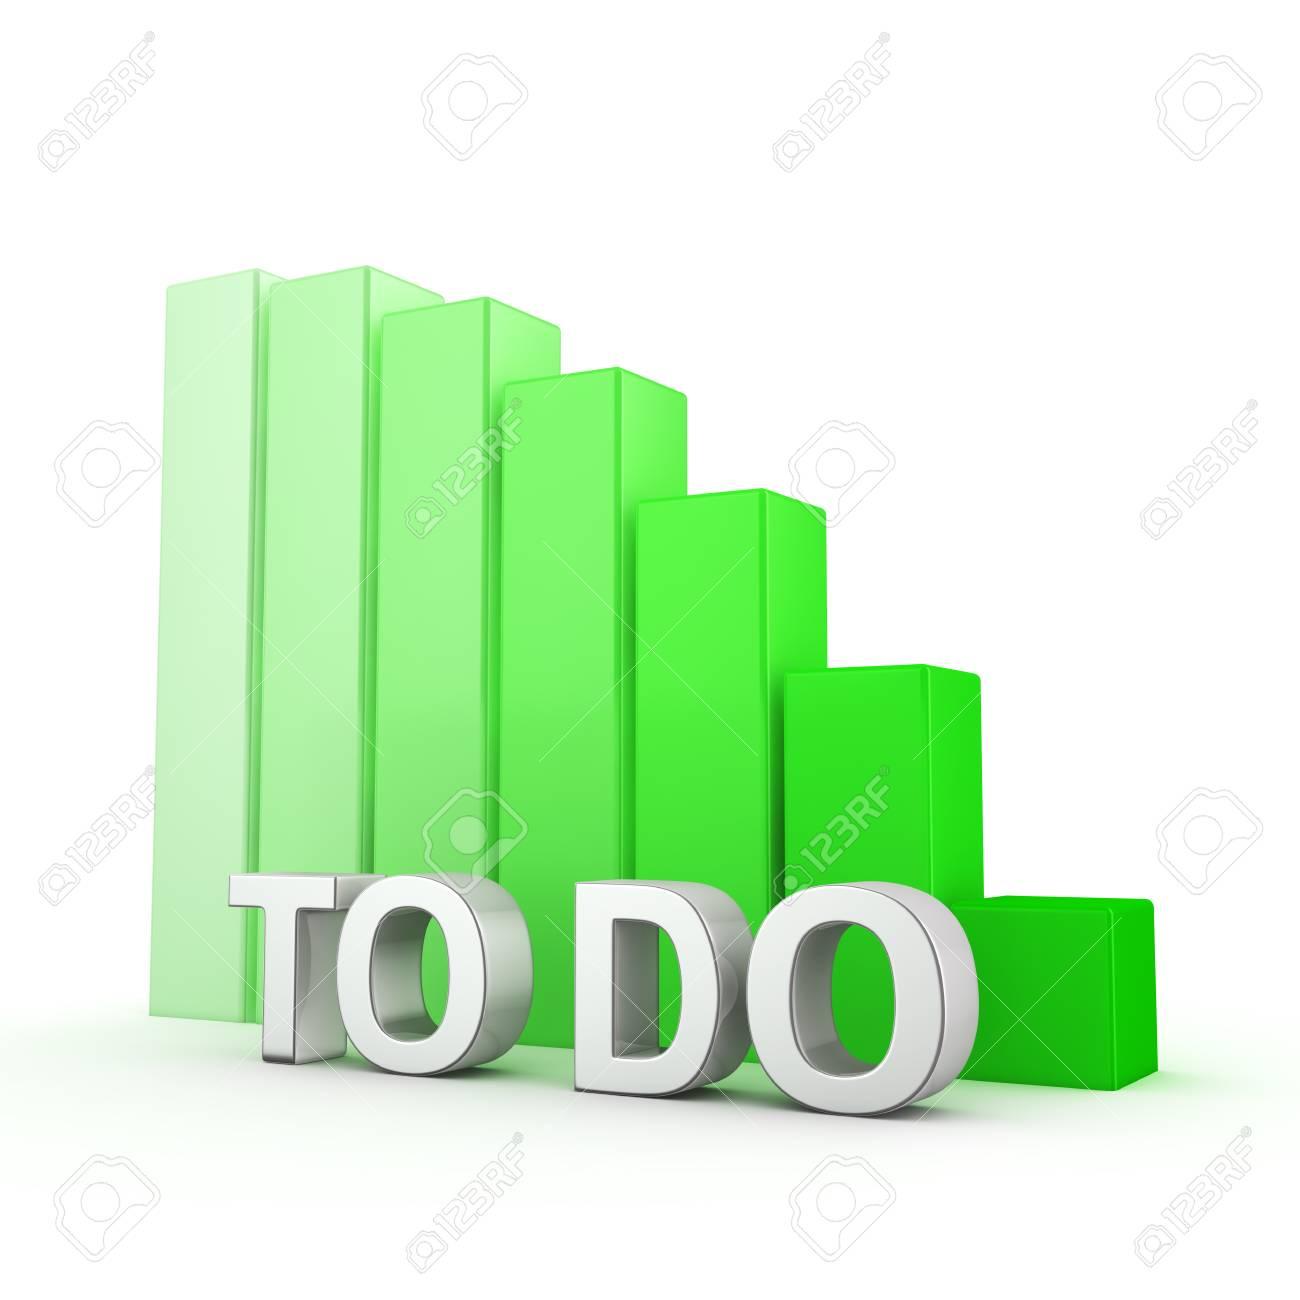 La Réduction De La Quantité De Tâches. Planification De La Liste De Tâches.  Le Mot TO-DO Contre Tomber Graphique Vert. Illustration 3D Sur Le Succès Et  ... f68a167b7eb